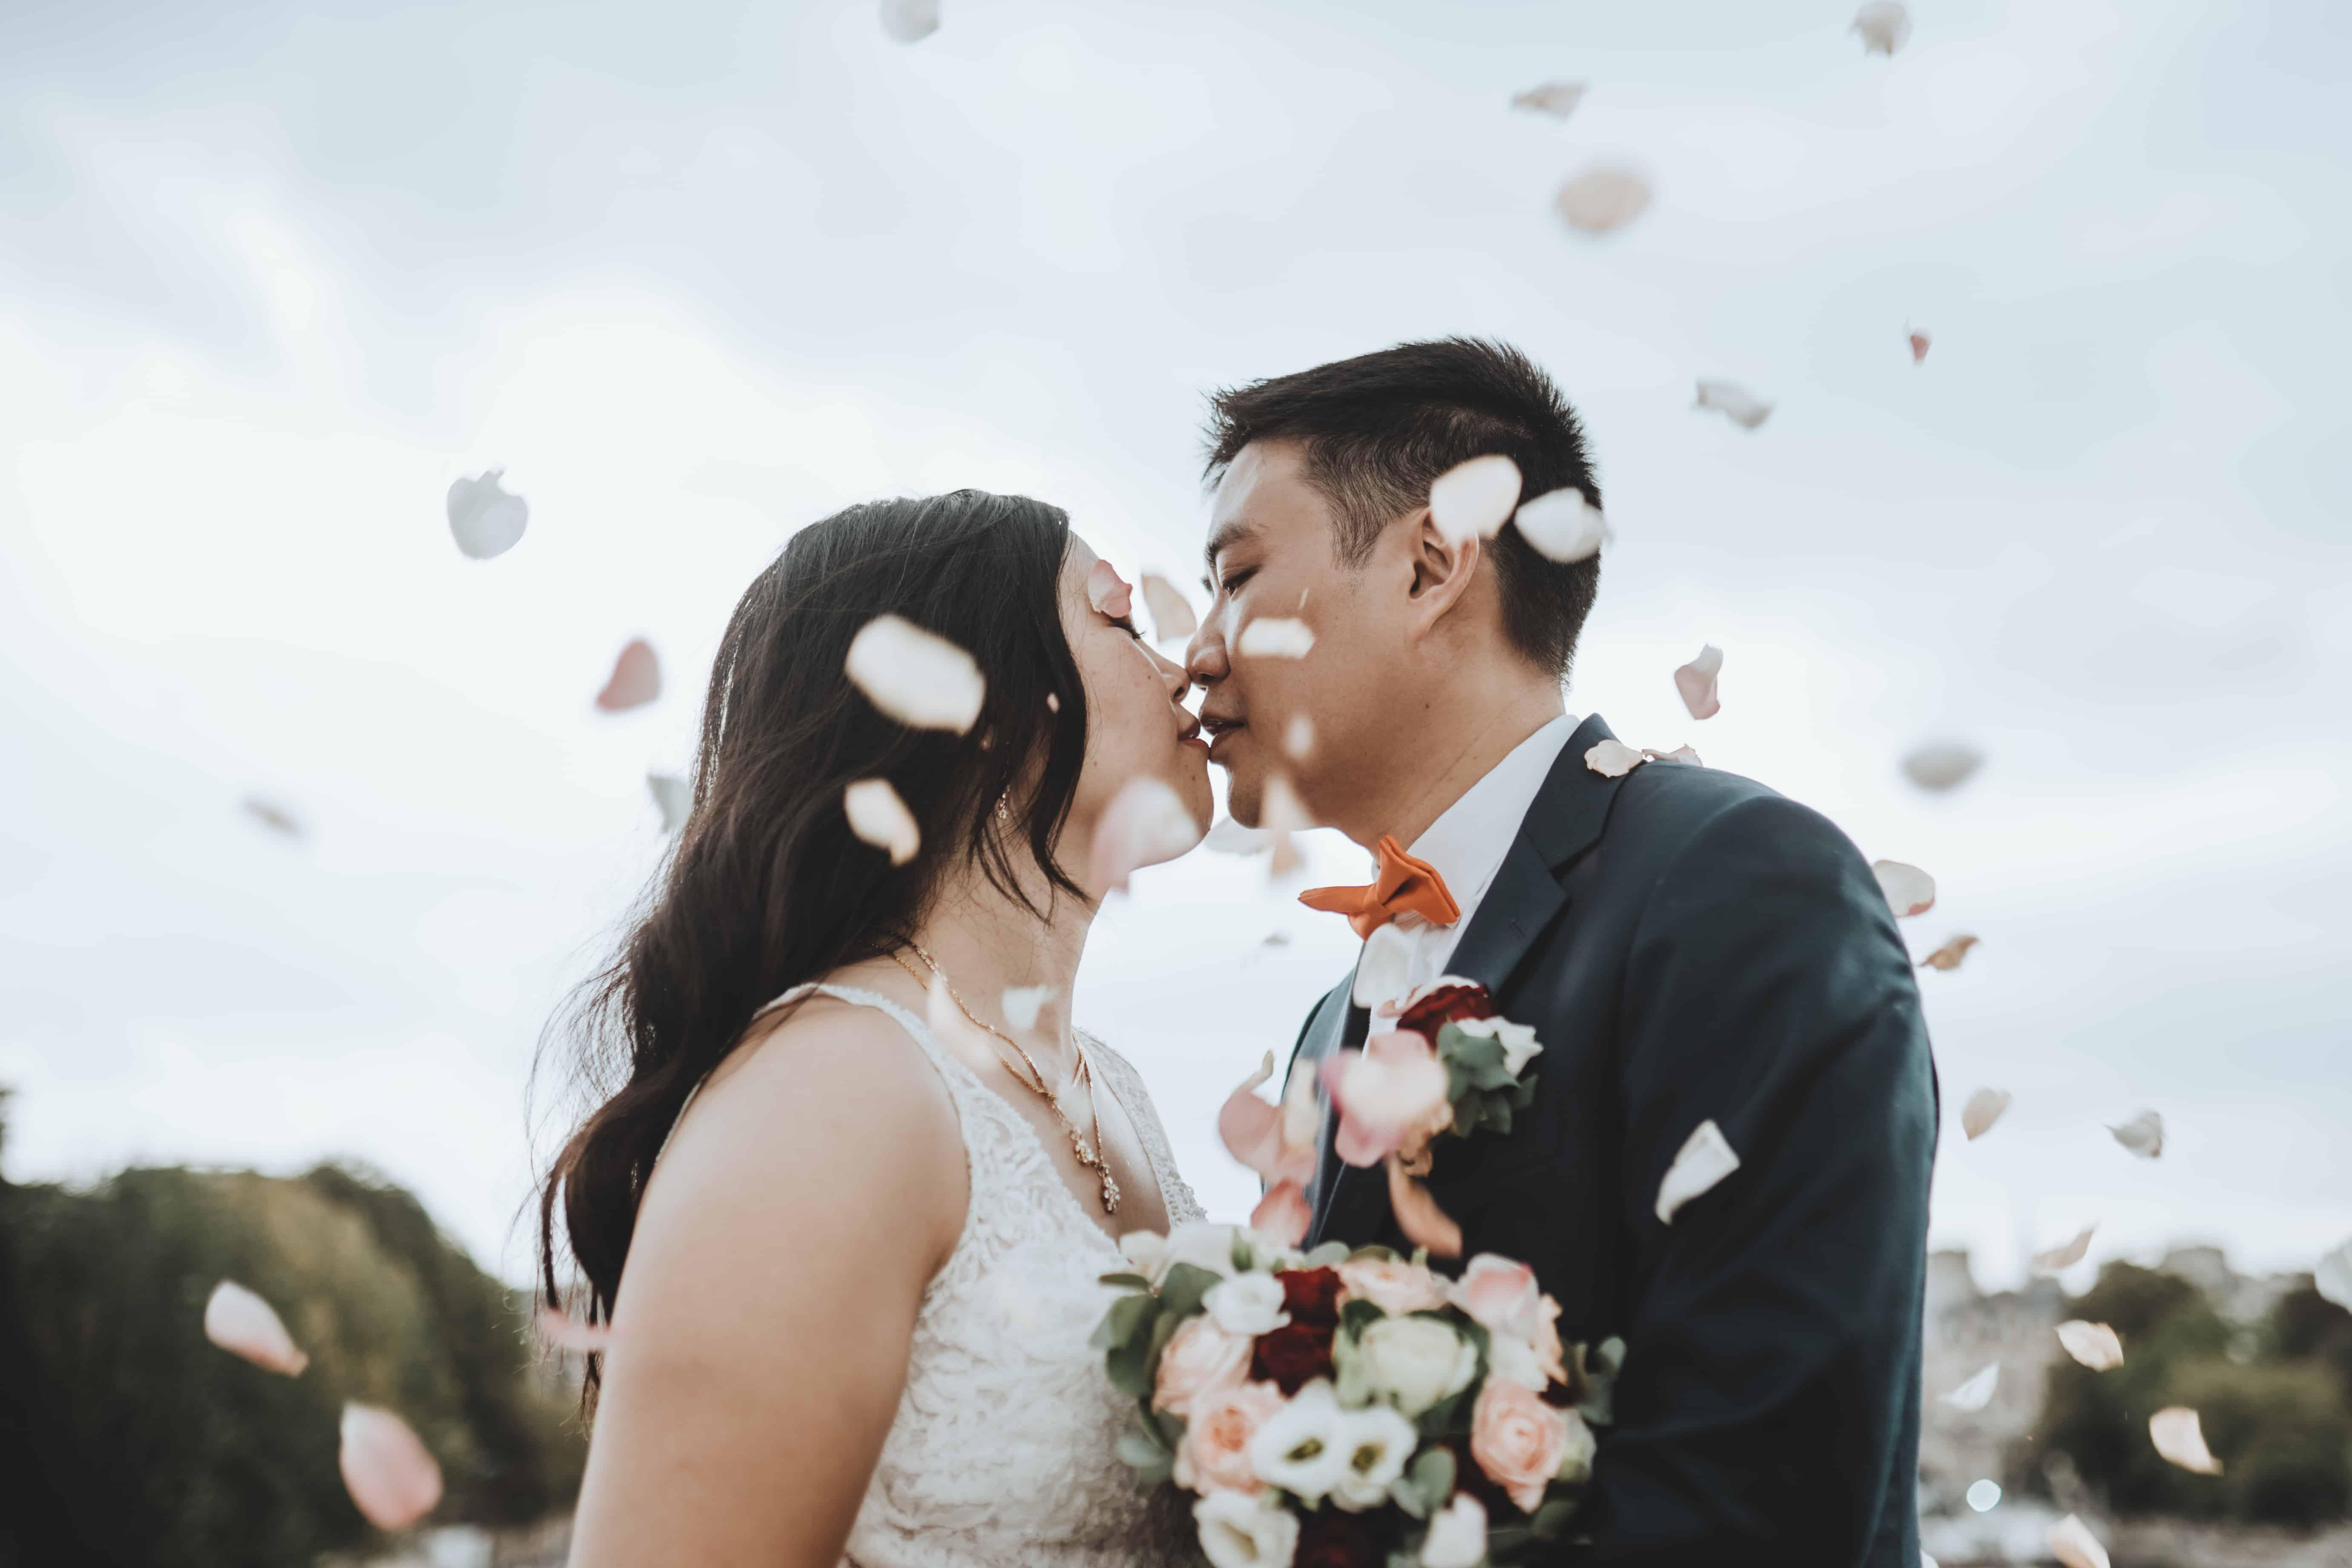 Le couple à la sortie de la cérémonie, arrosé de pétales de rose